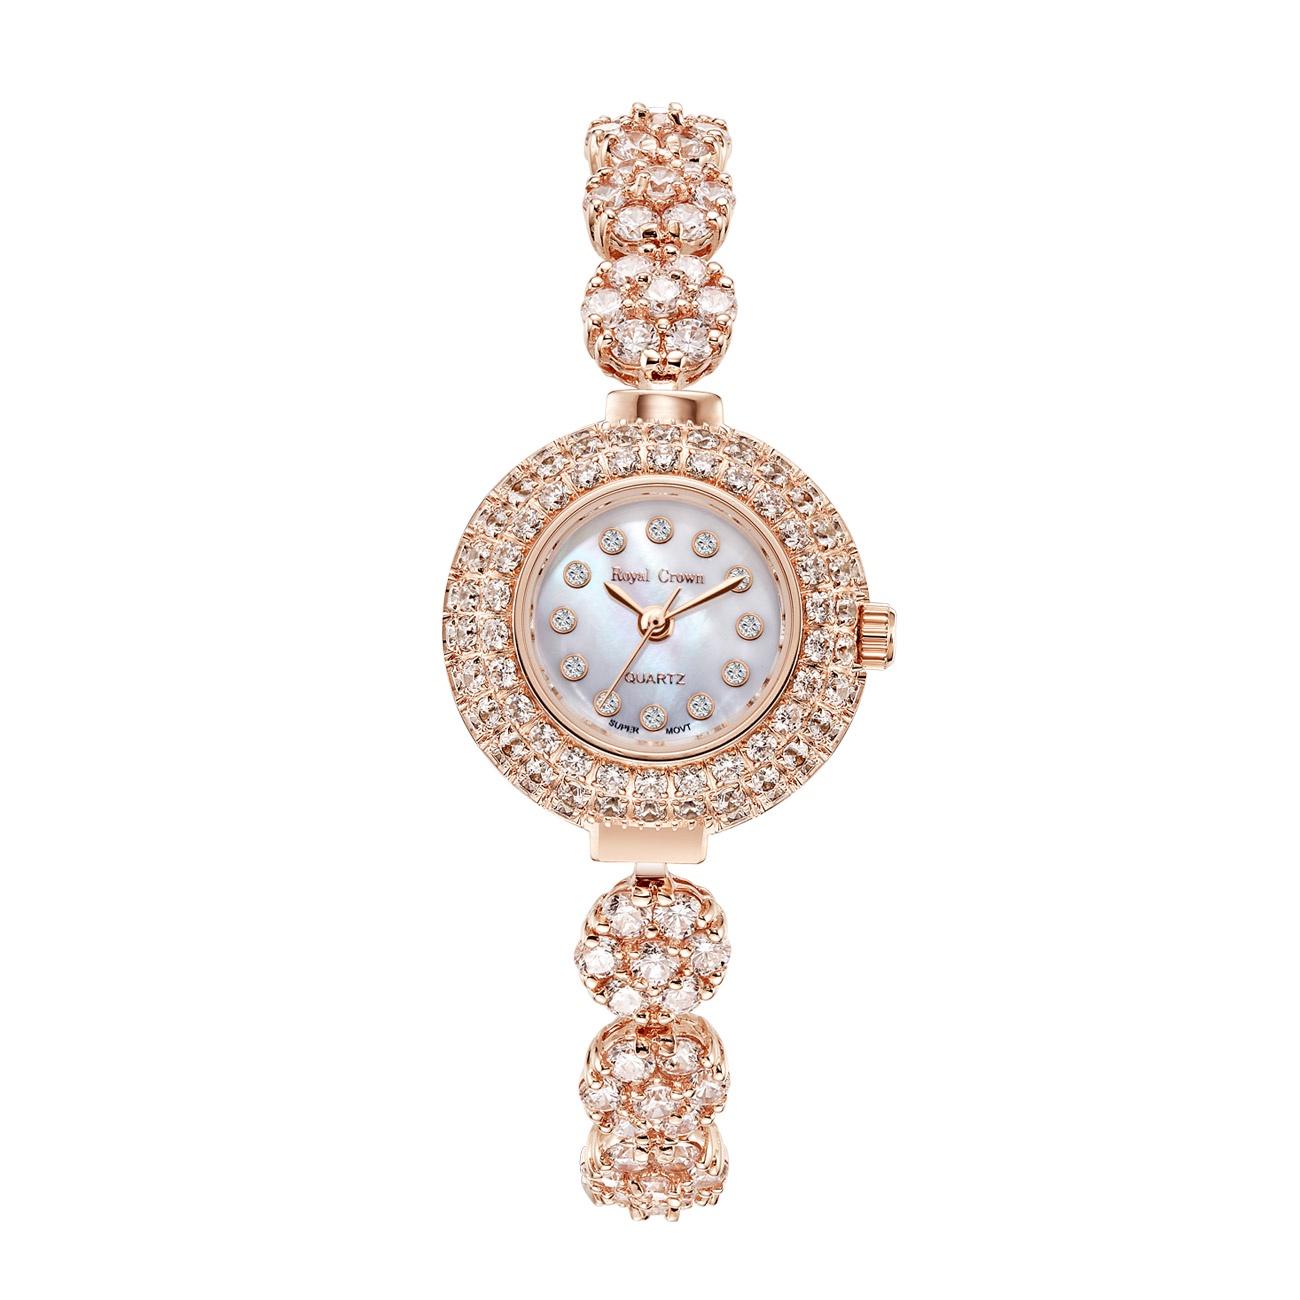 Часы Royal Crown 6201-B21-RSG-5